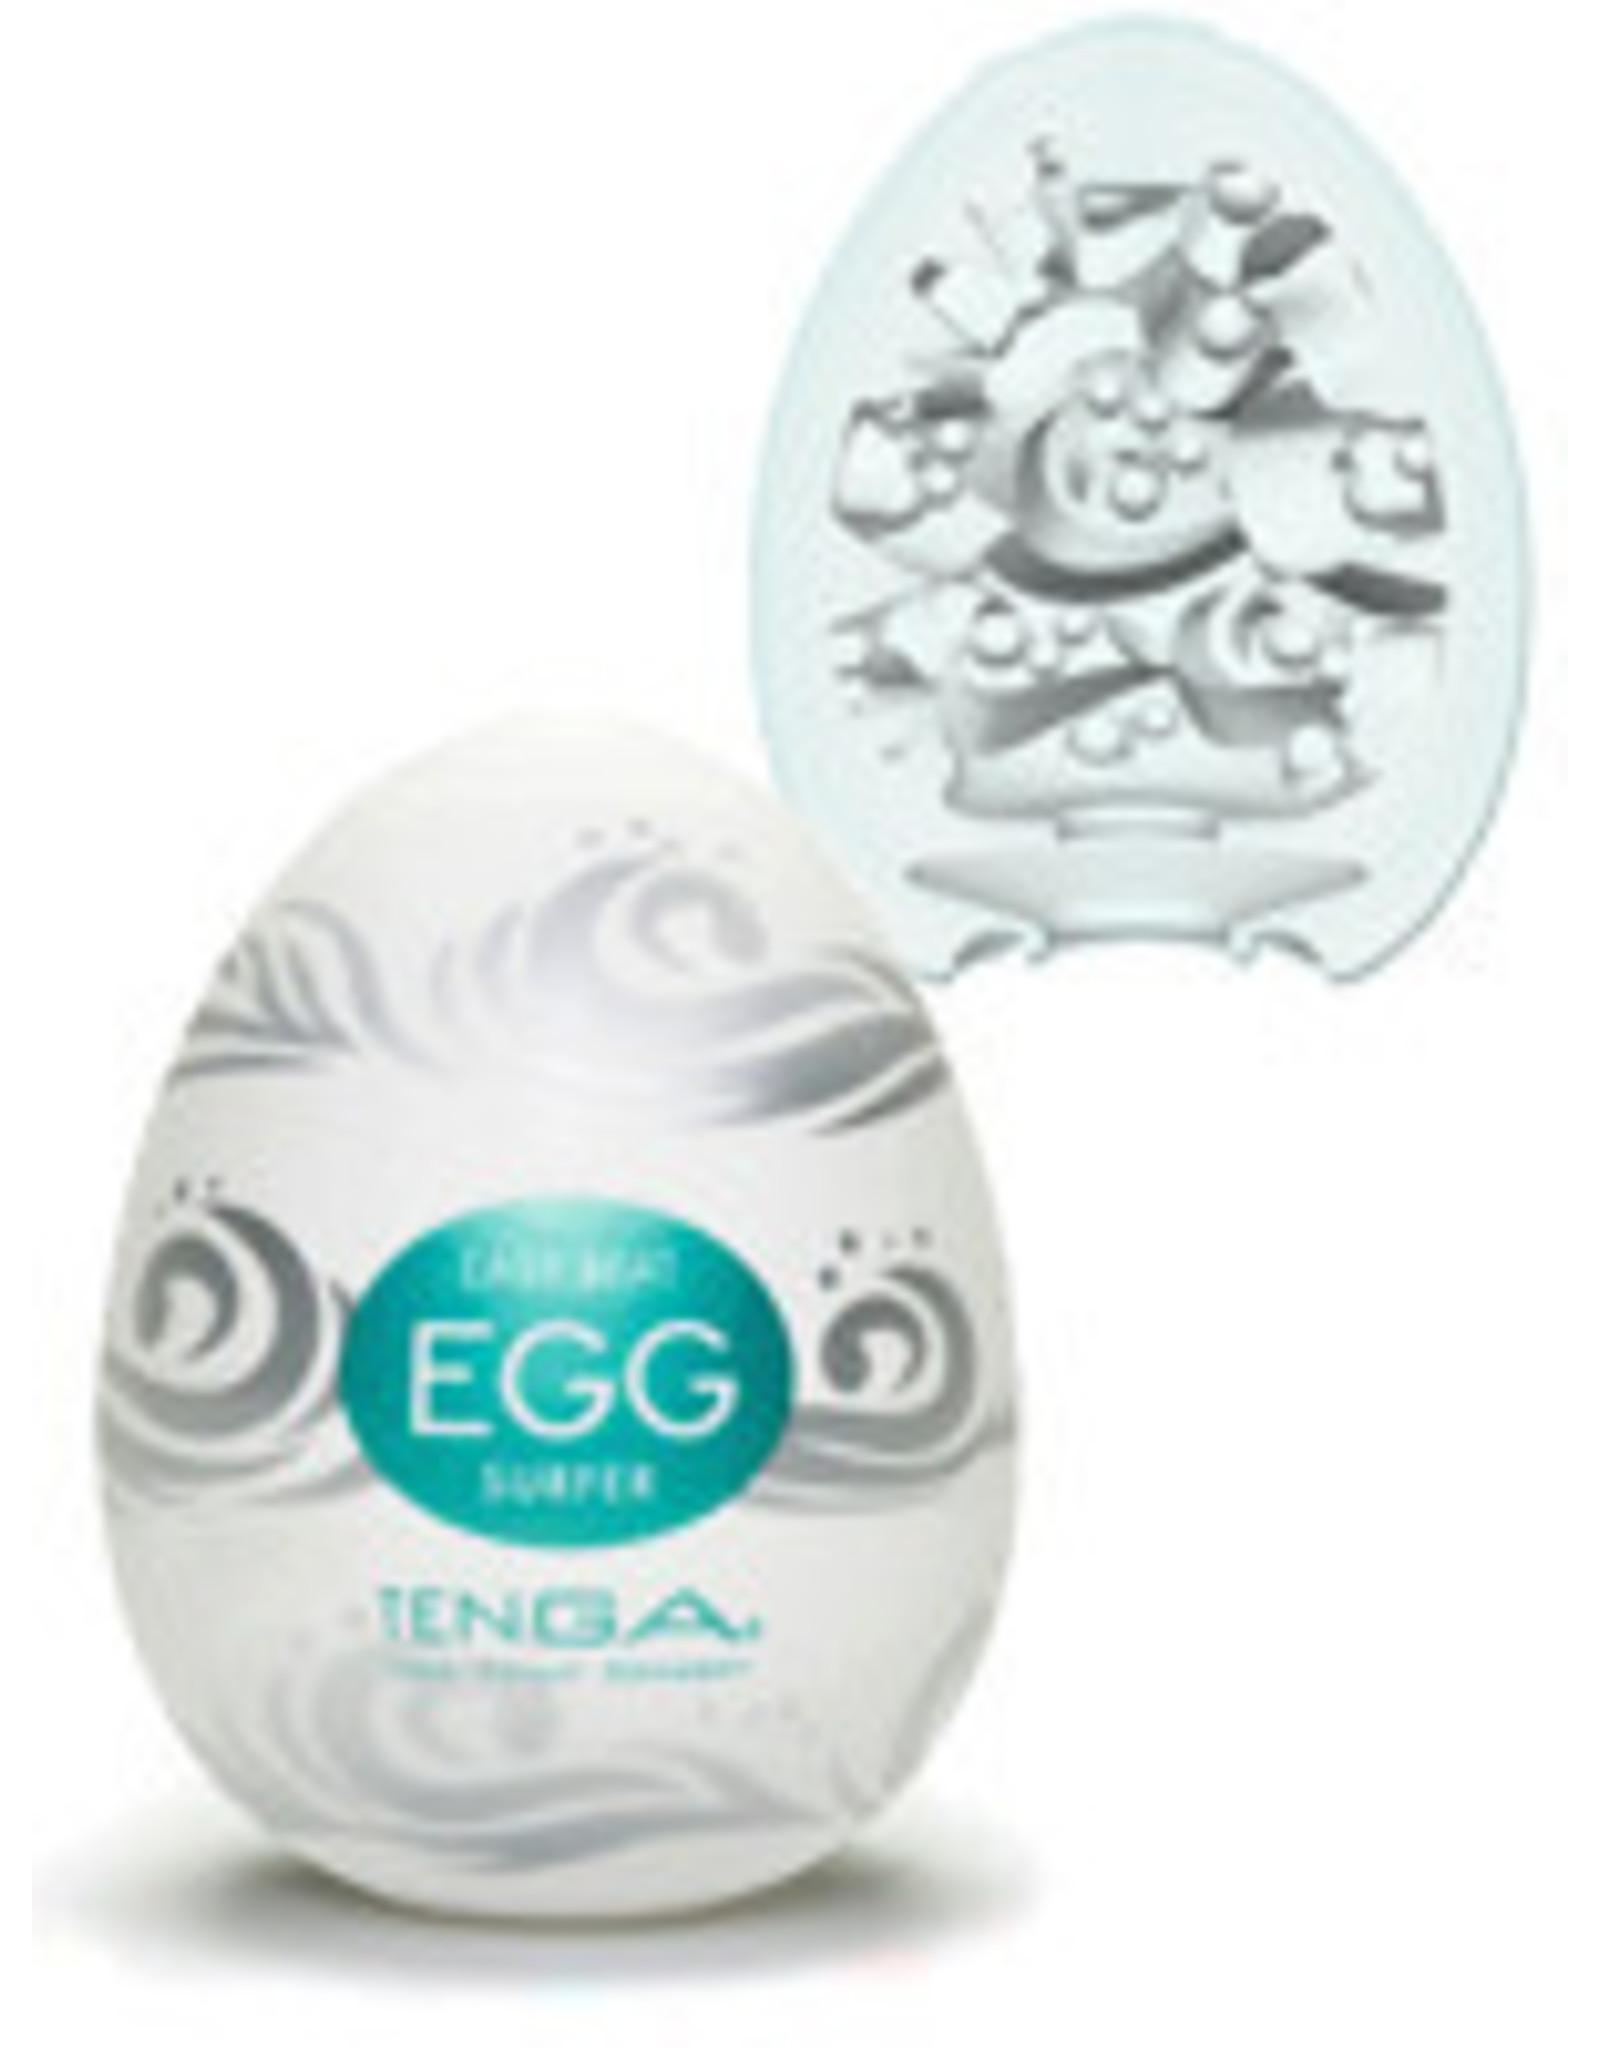 Tenga - Hard Boiled Egg Surfer